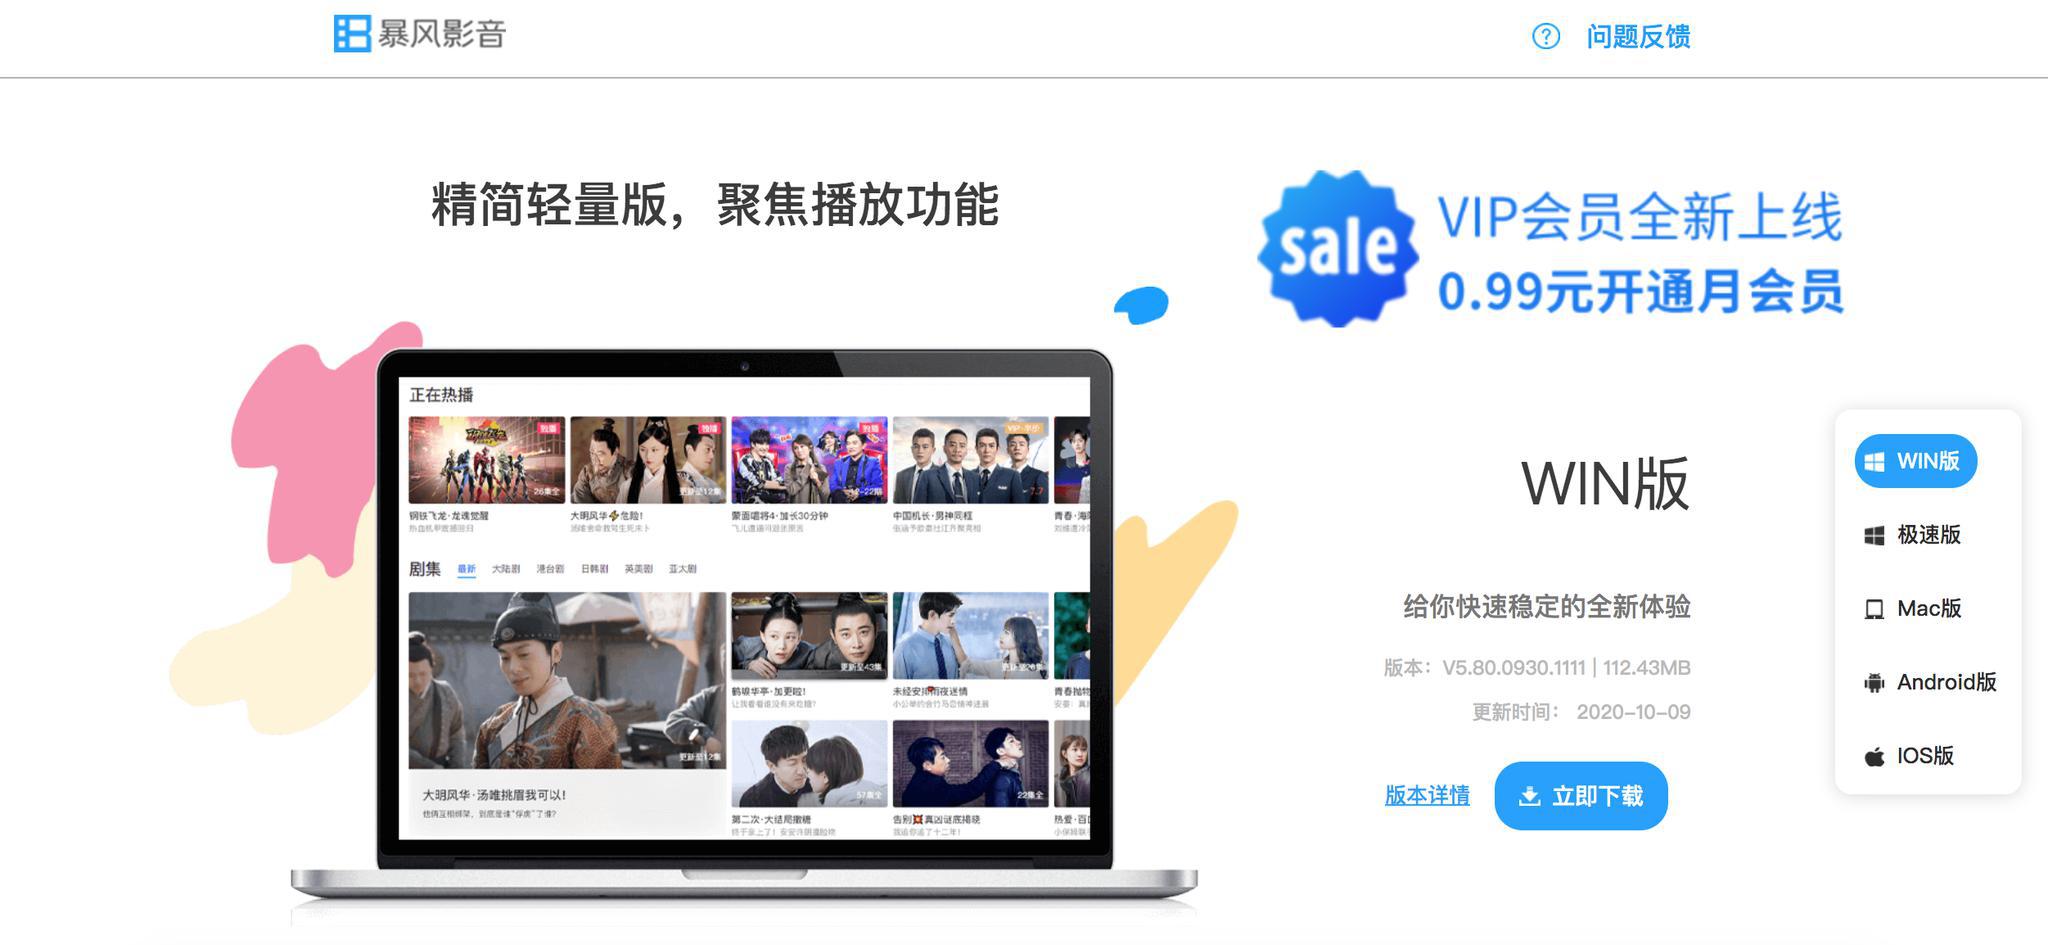 暴风影音回来了?官网更新 0.99元VIP上线是谁的动作?